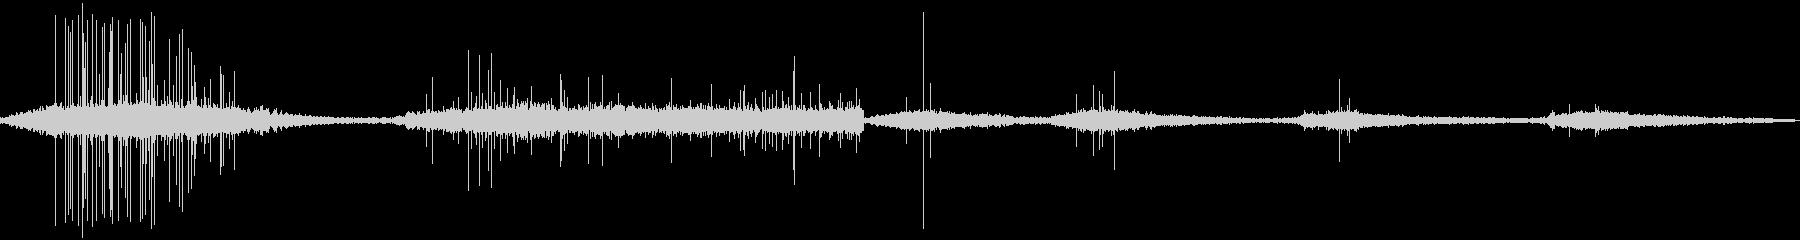 プロジェクターリワインダー各種の未再生の波形